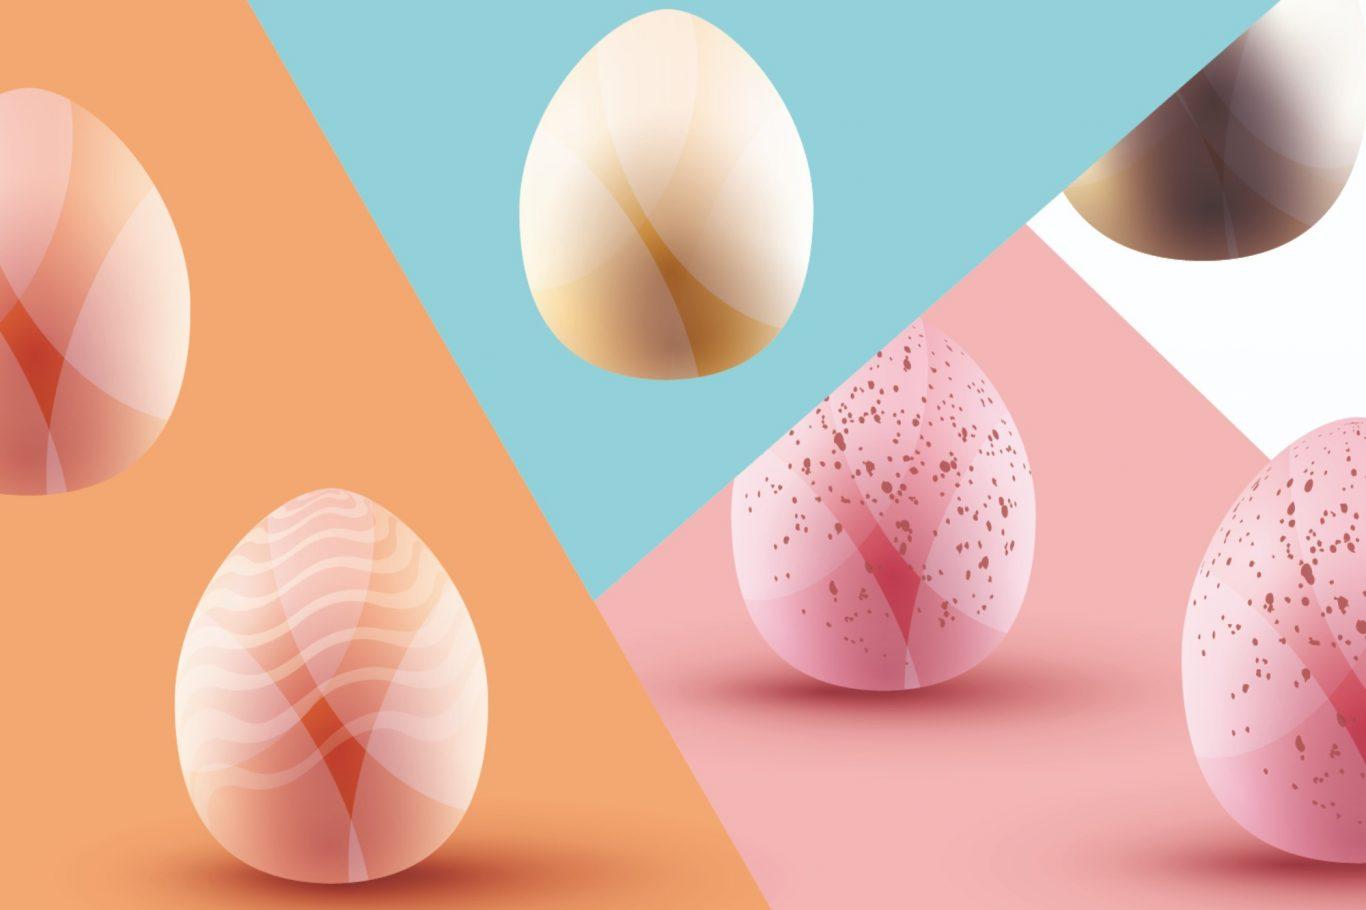 Vender ovos de Páscoa: saiba como se planejar!